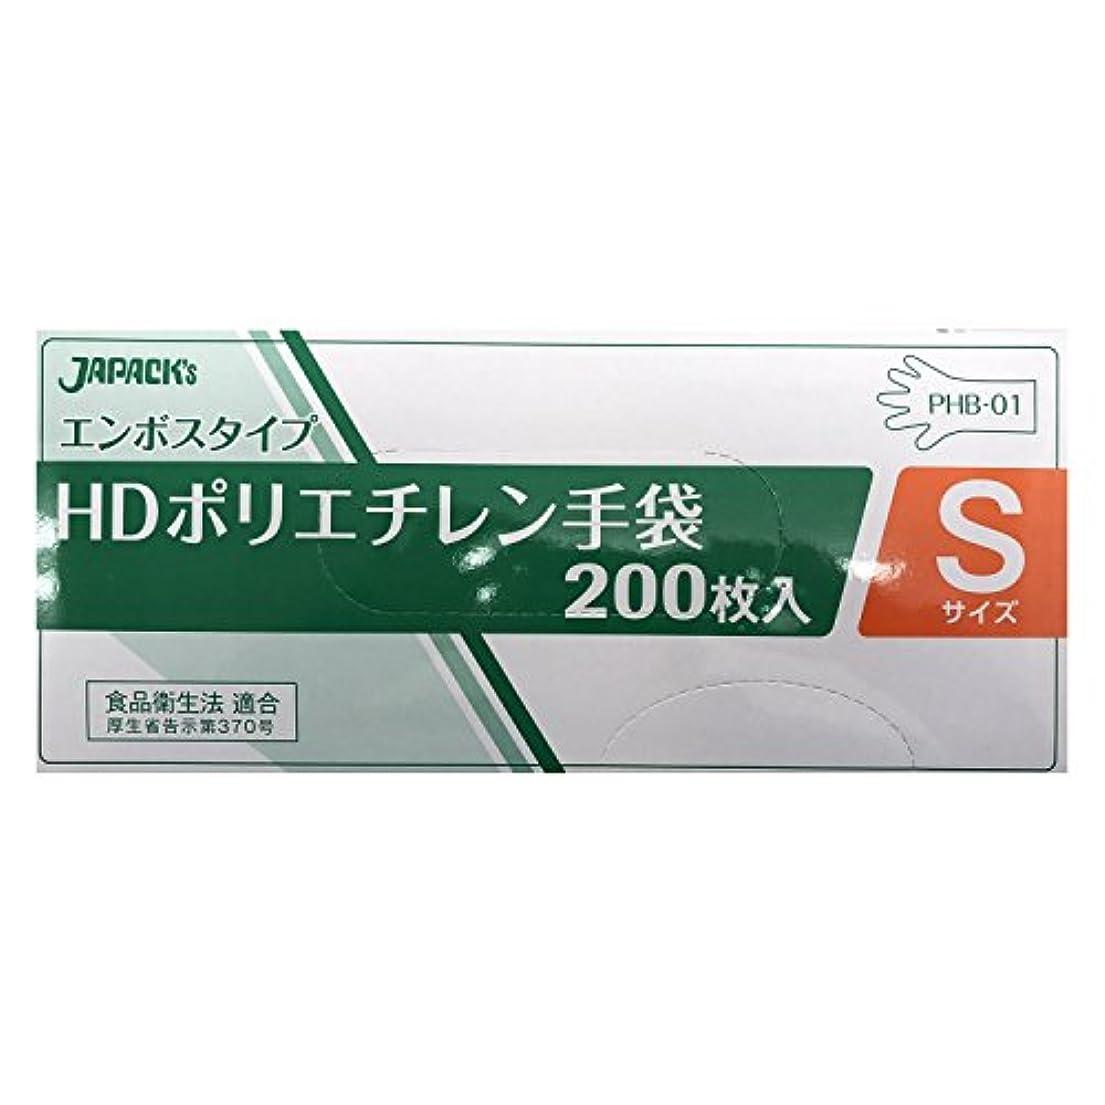 標準愛ラバエンボスタイプ HDポリエチレン手袋 Sサイズ BOX 200枚入 無着色 PHB-01